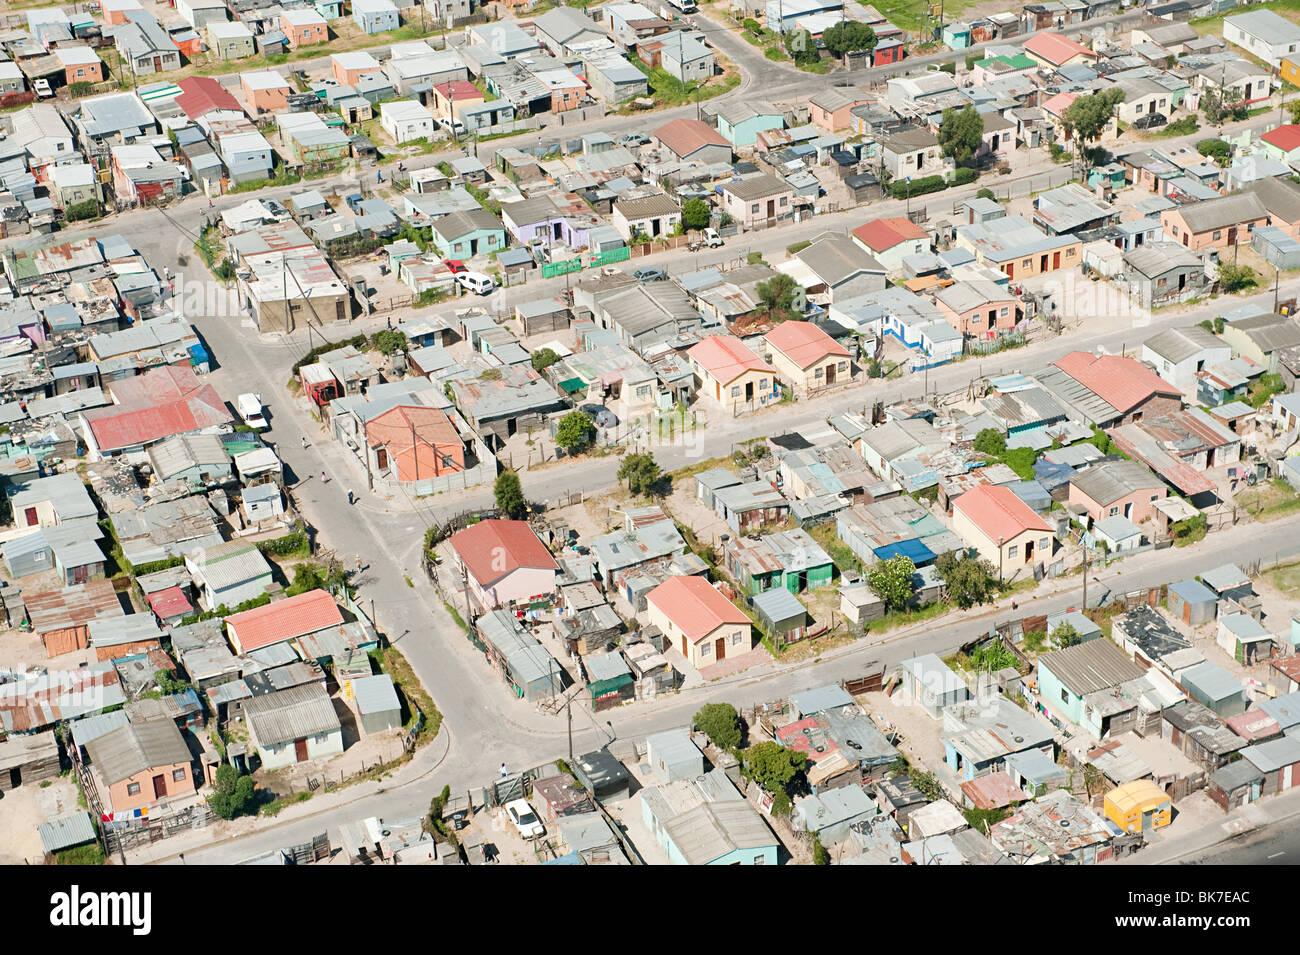 Vue aérienne de Cape town bidonville Photo Stock